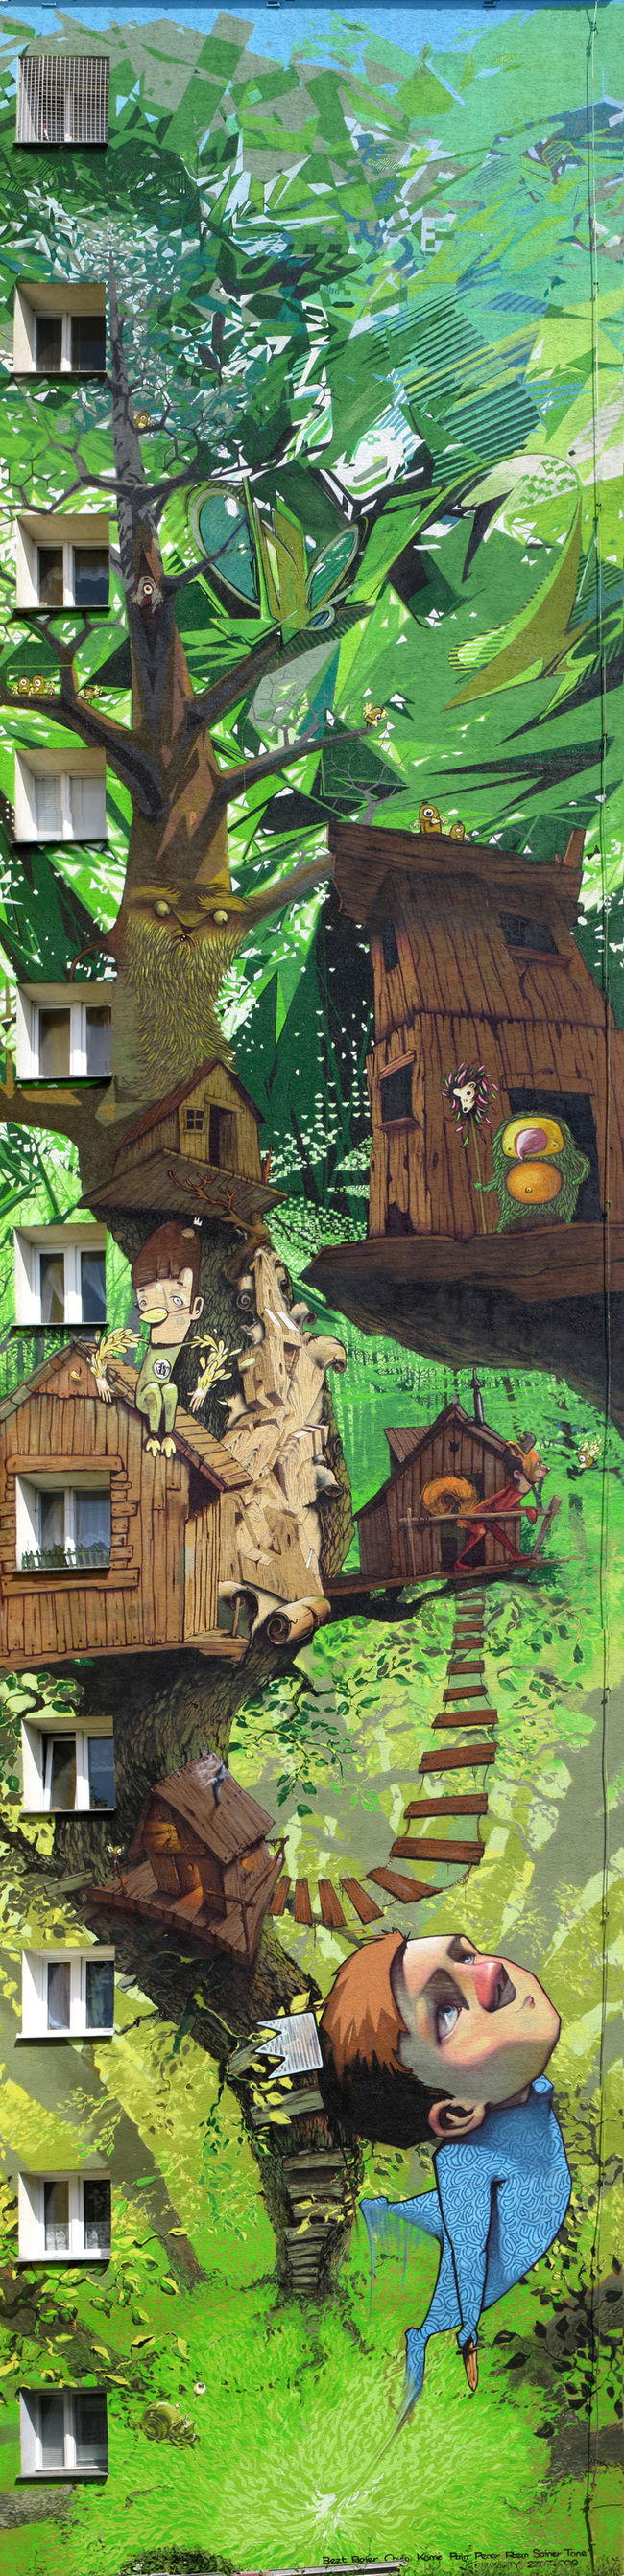 Artwork By Bezt, Sainer in Bydgoszcz